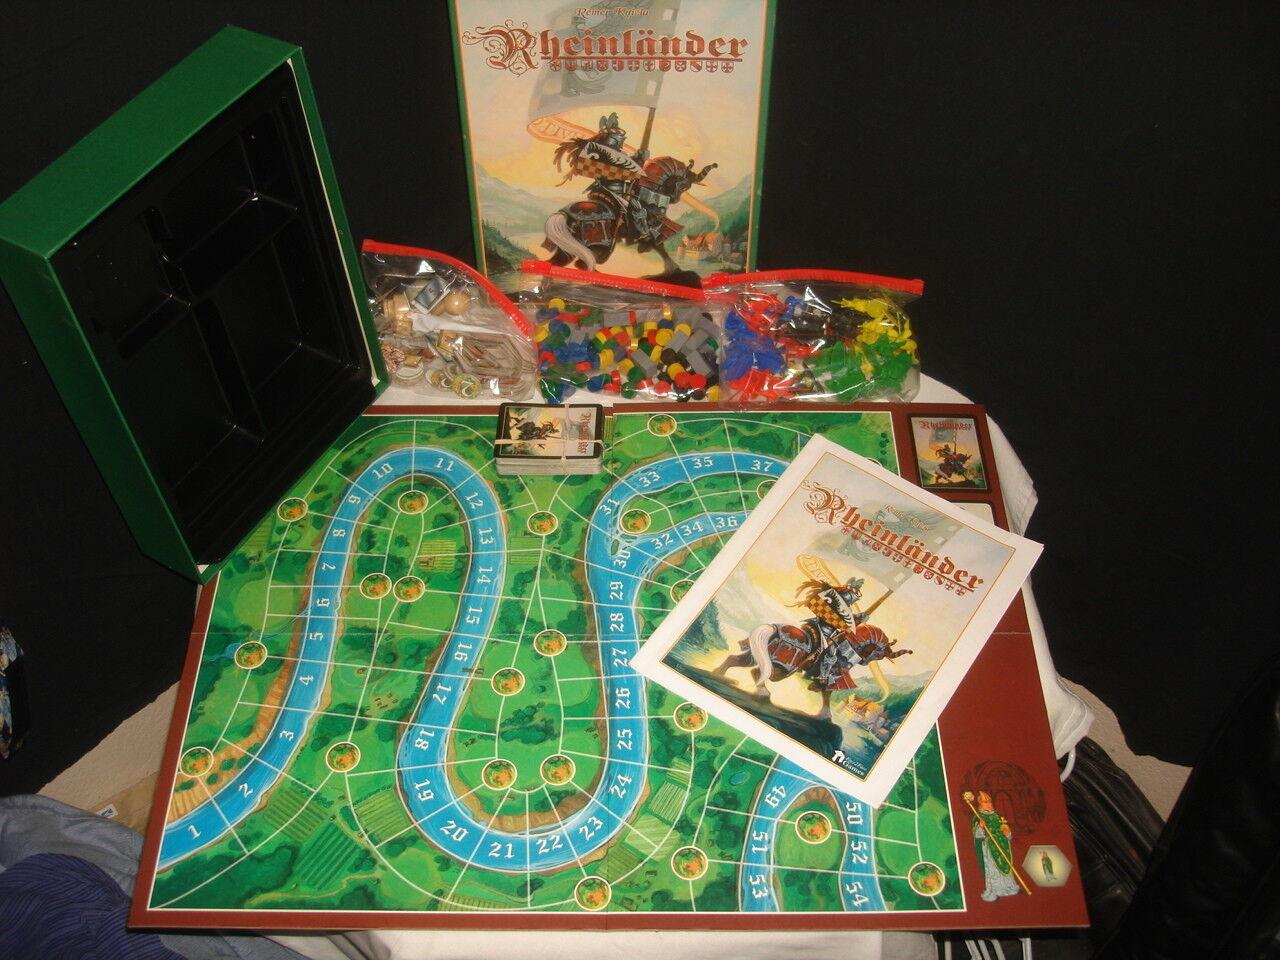 Rheinlander juego por Reiner Knizia Junta Juego Completo Muy Buenas